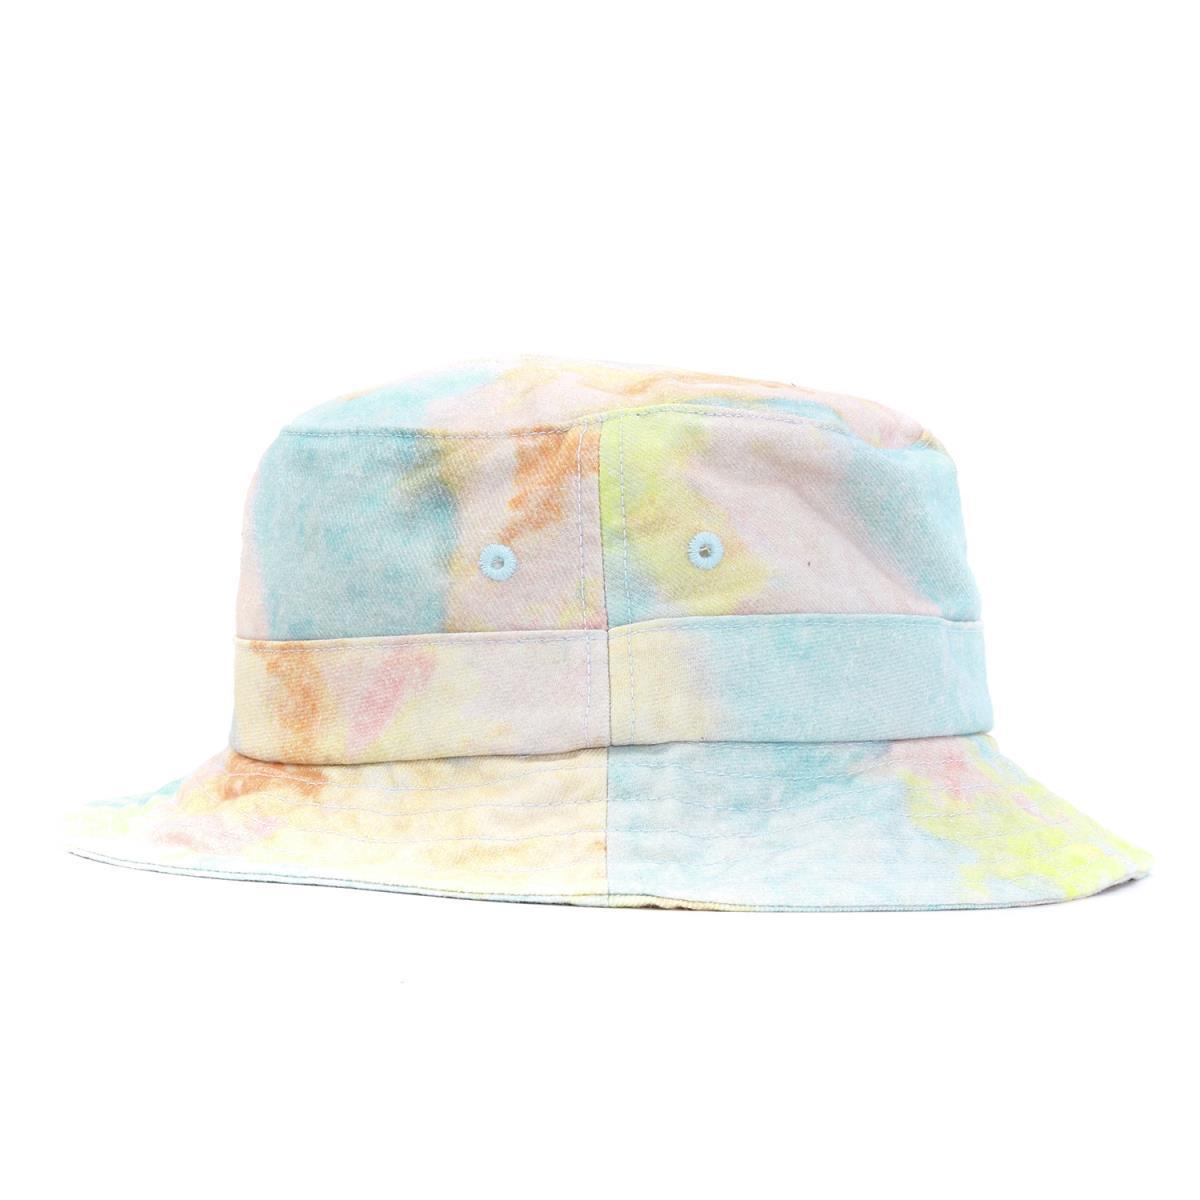 63d86e46de4 Supreme (シュプリーム) 18S S multicolored denim crusher hat (Multicolor Denim  Crusher Hat) multicolored M L